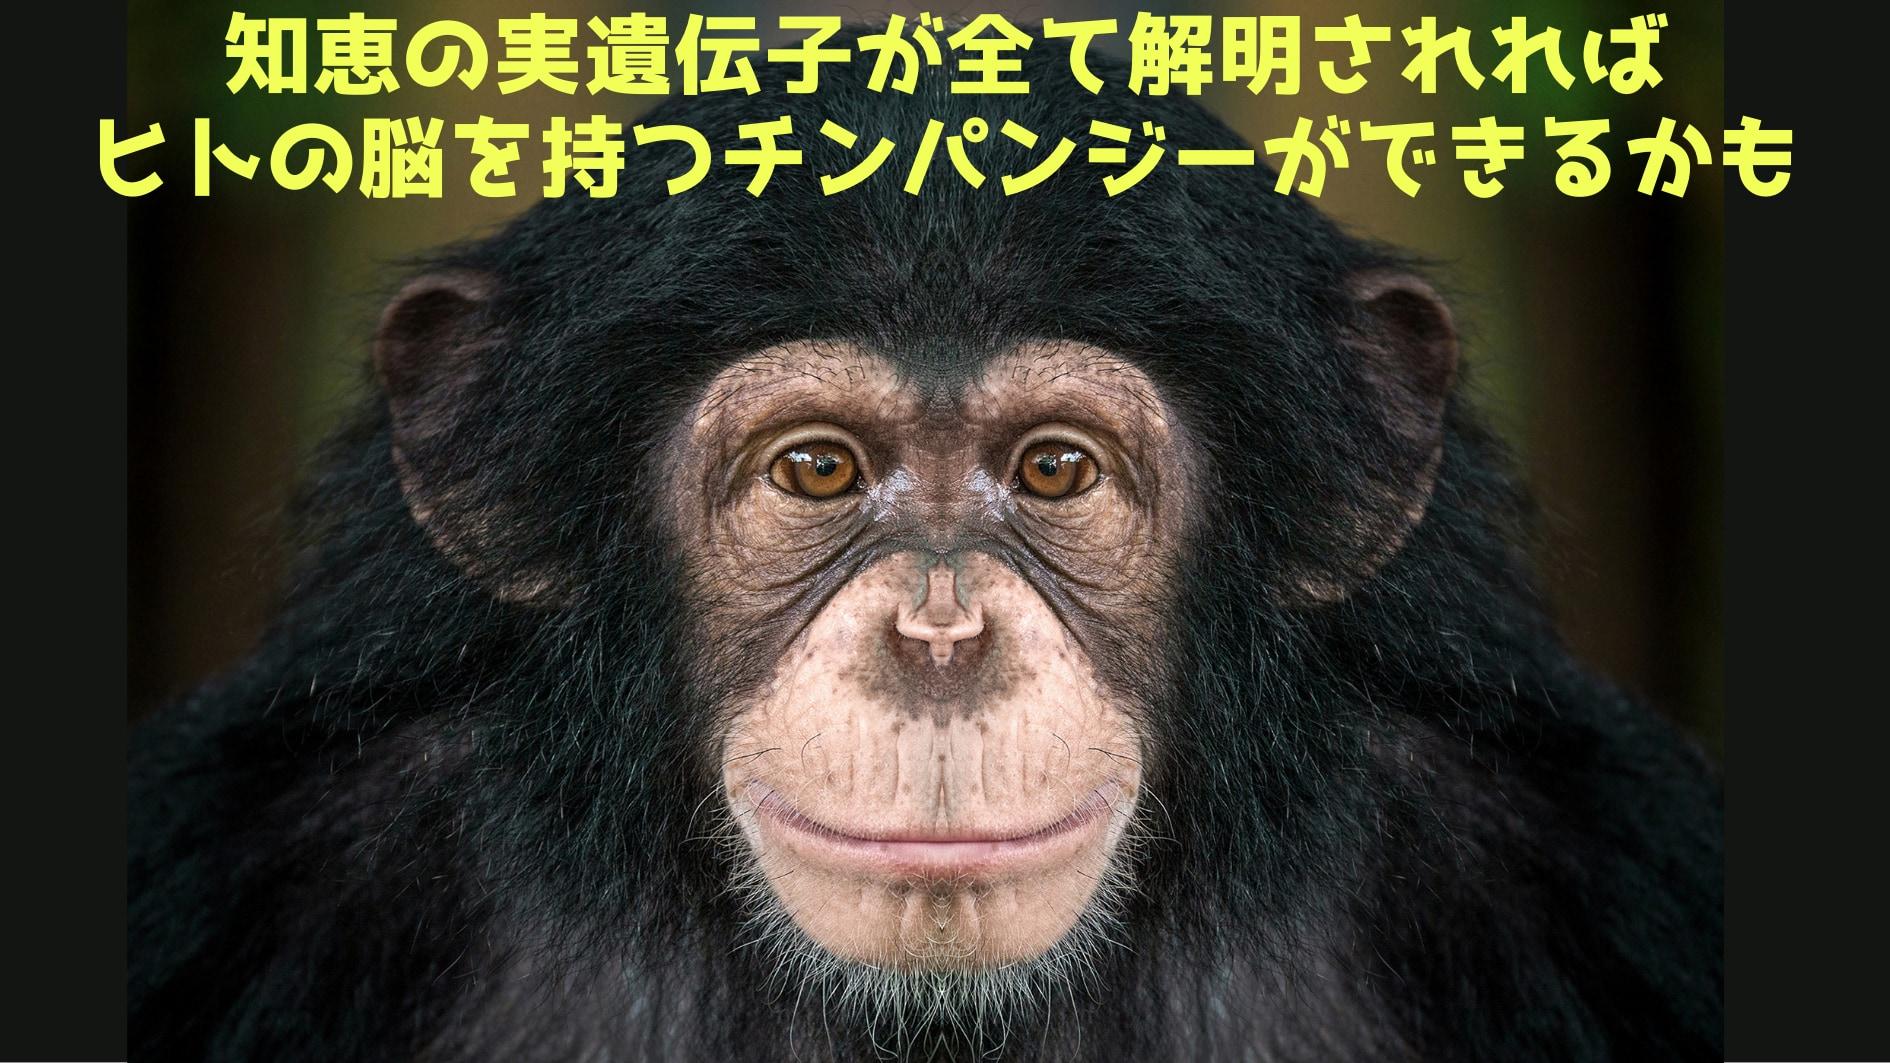 ヒトとサルを別ける「知恵の実遺伝子」がジャンクDNAに埋もれていたと判明!